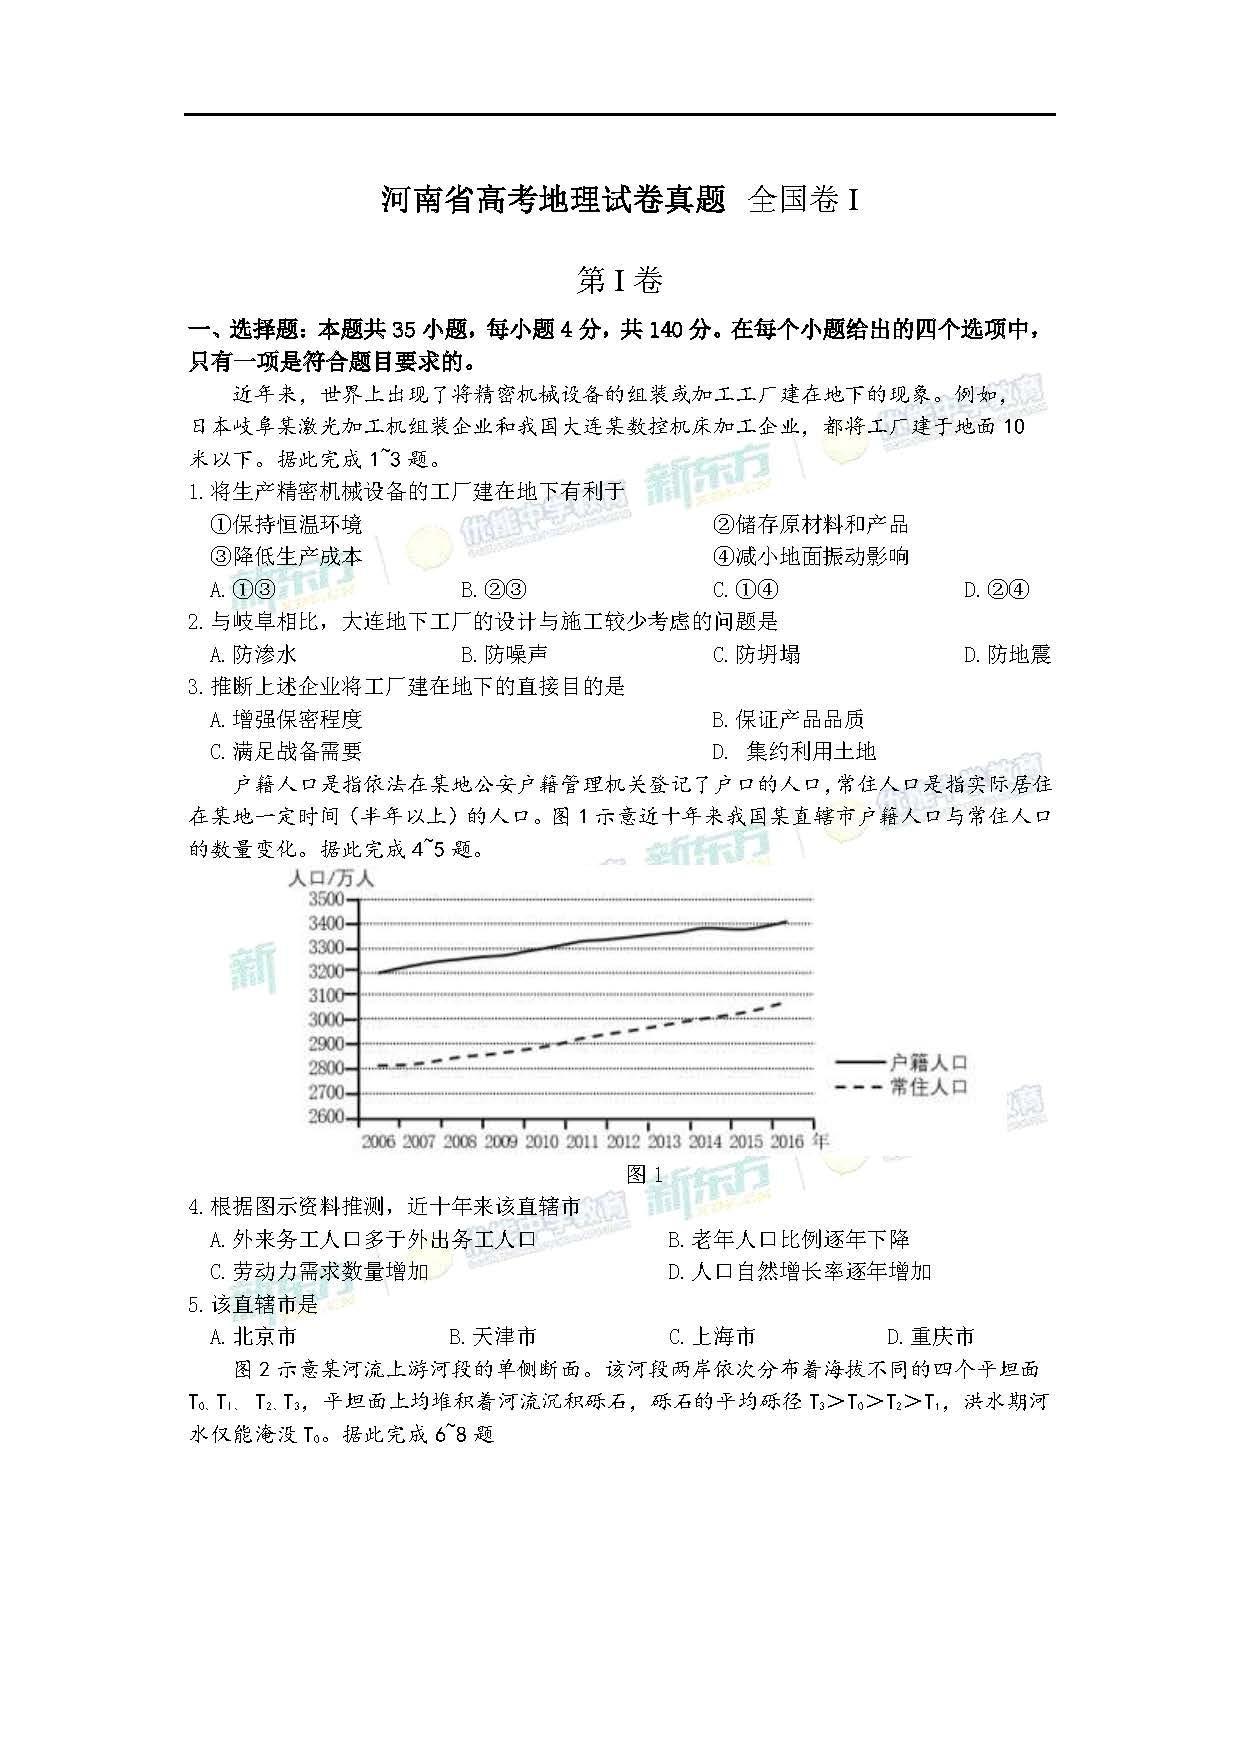 2018全国卷1高考地理试题(郑州新东方)